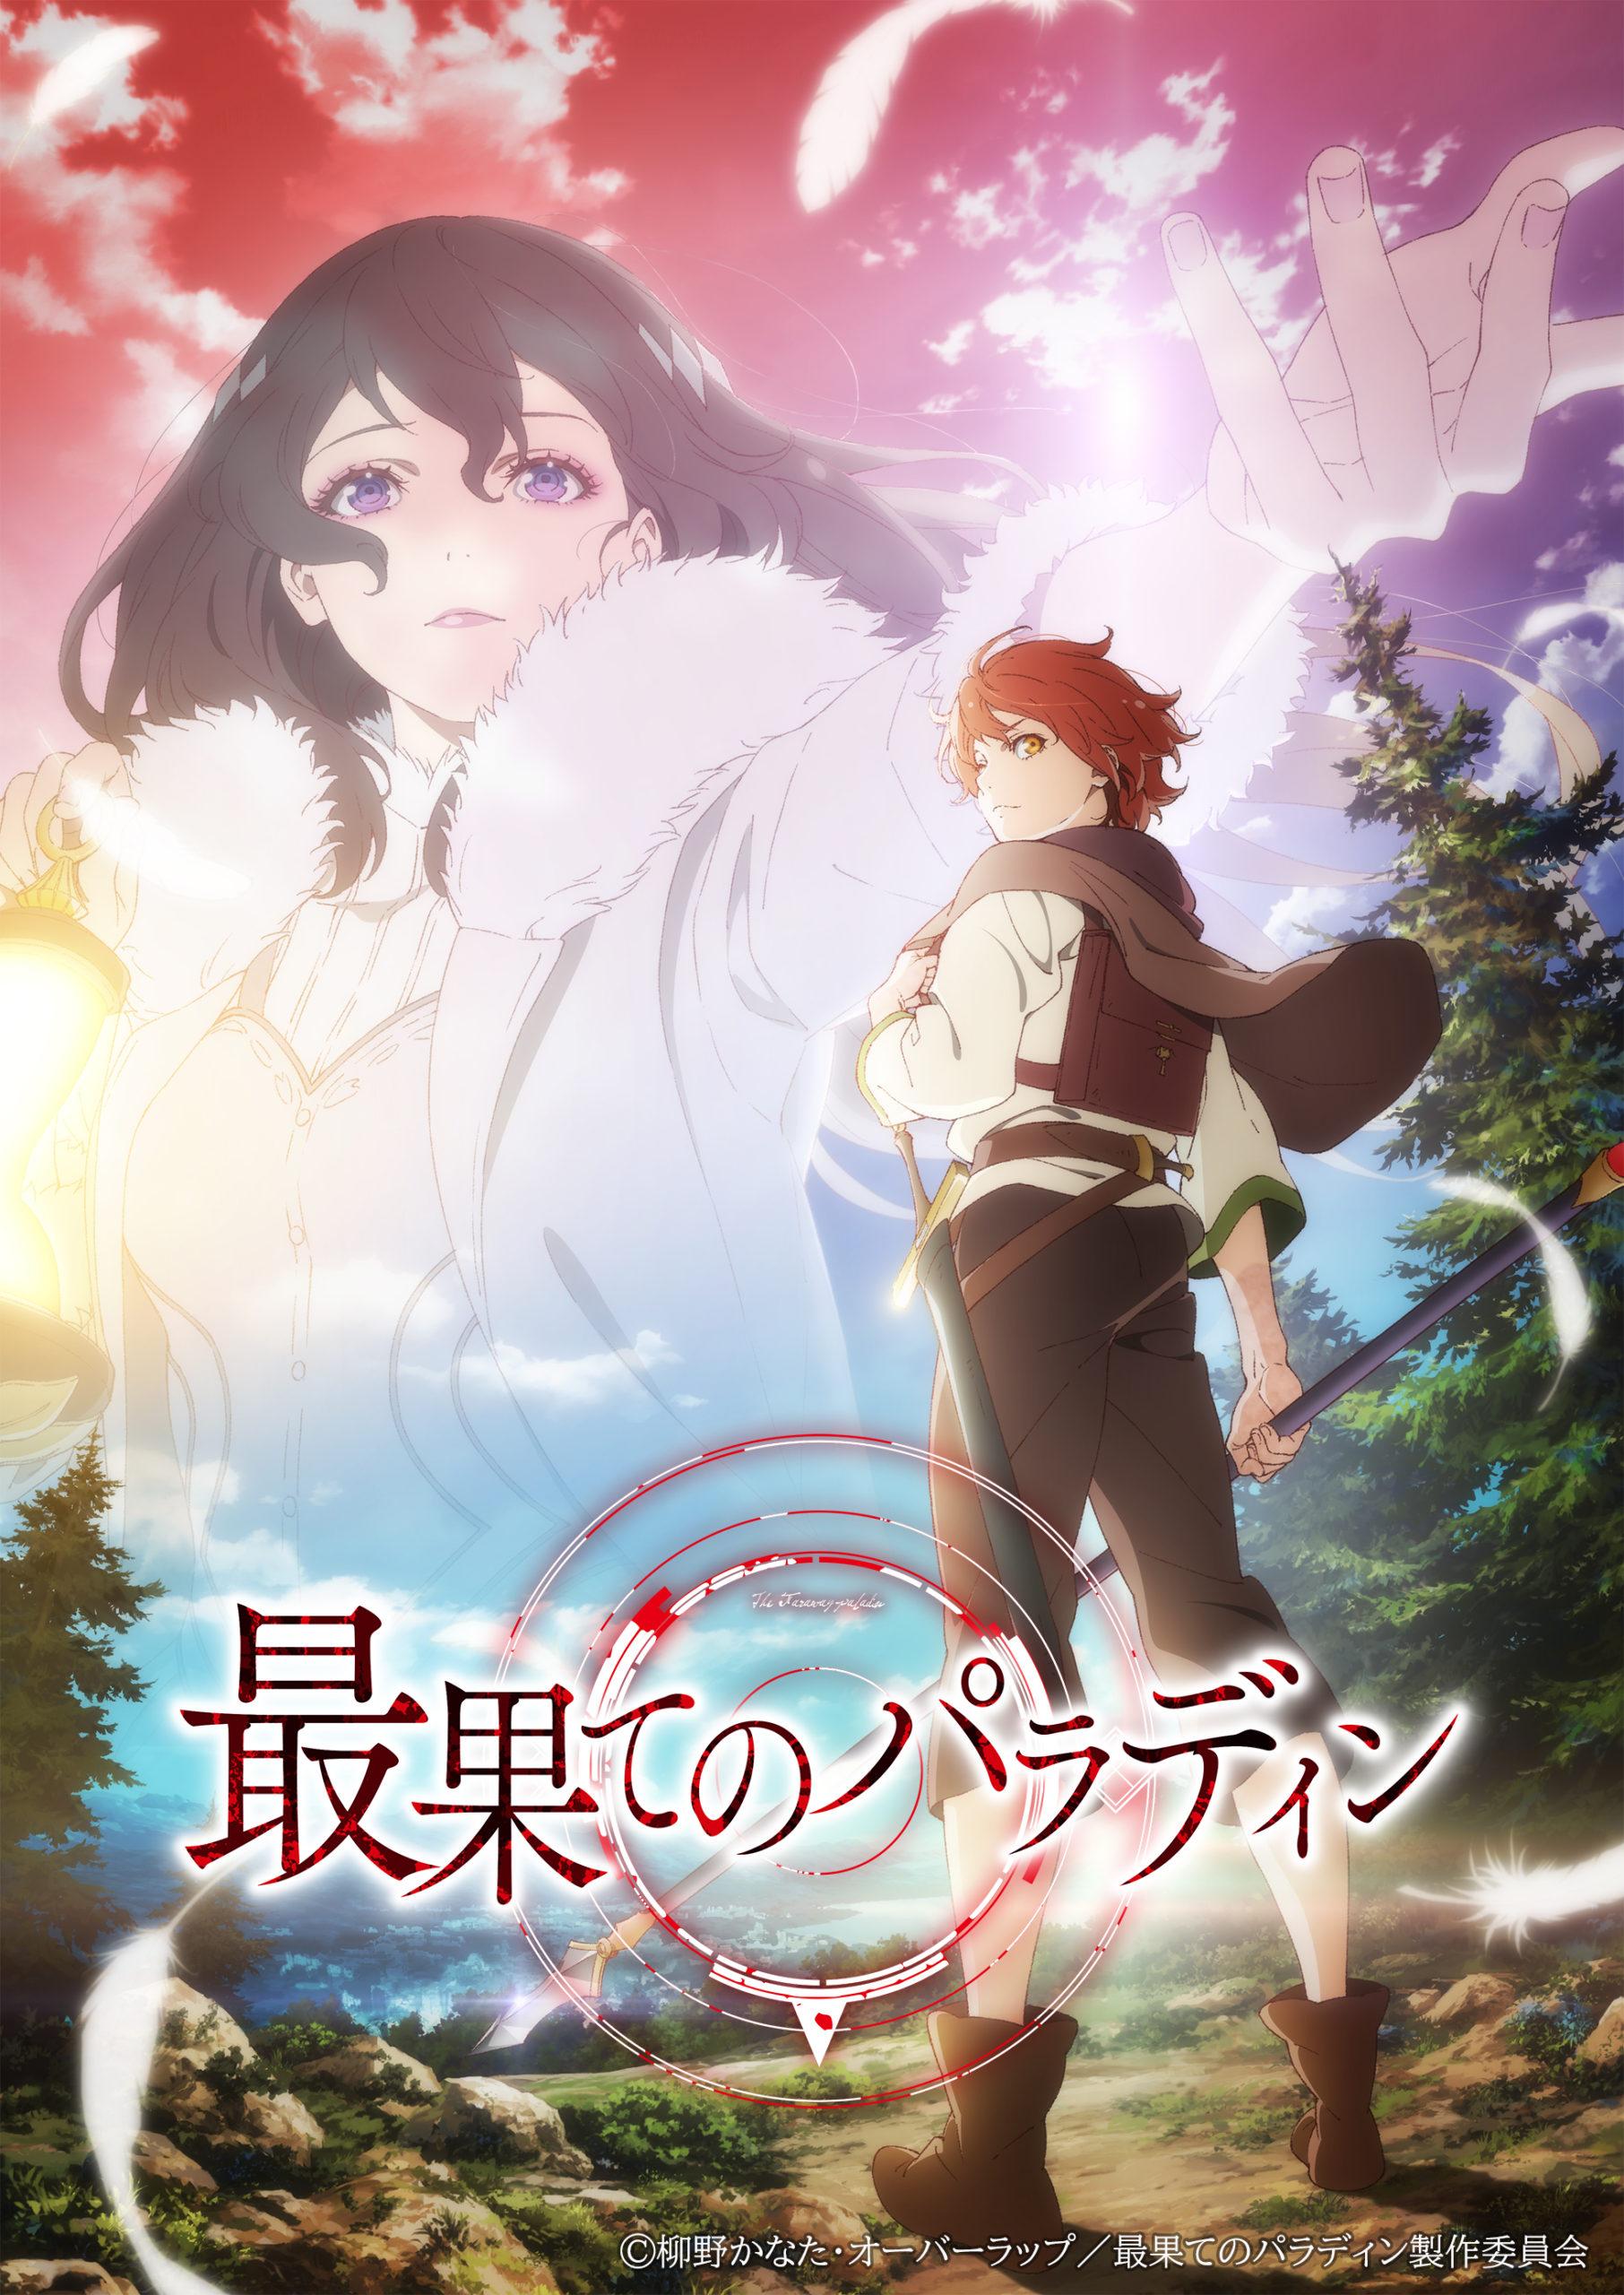 2021年10月9日より放送開始TVアニメ『最果てのパラディン』OPテーマ担当決定!